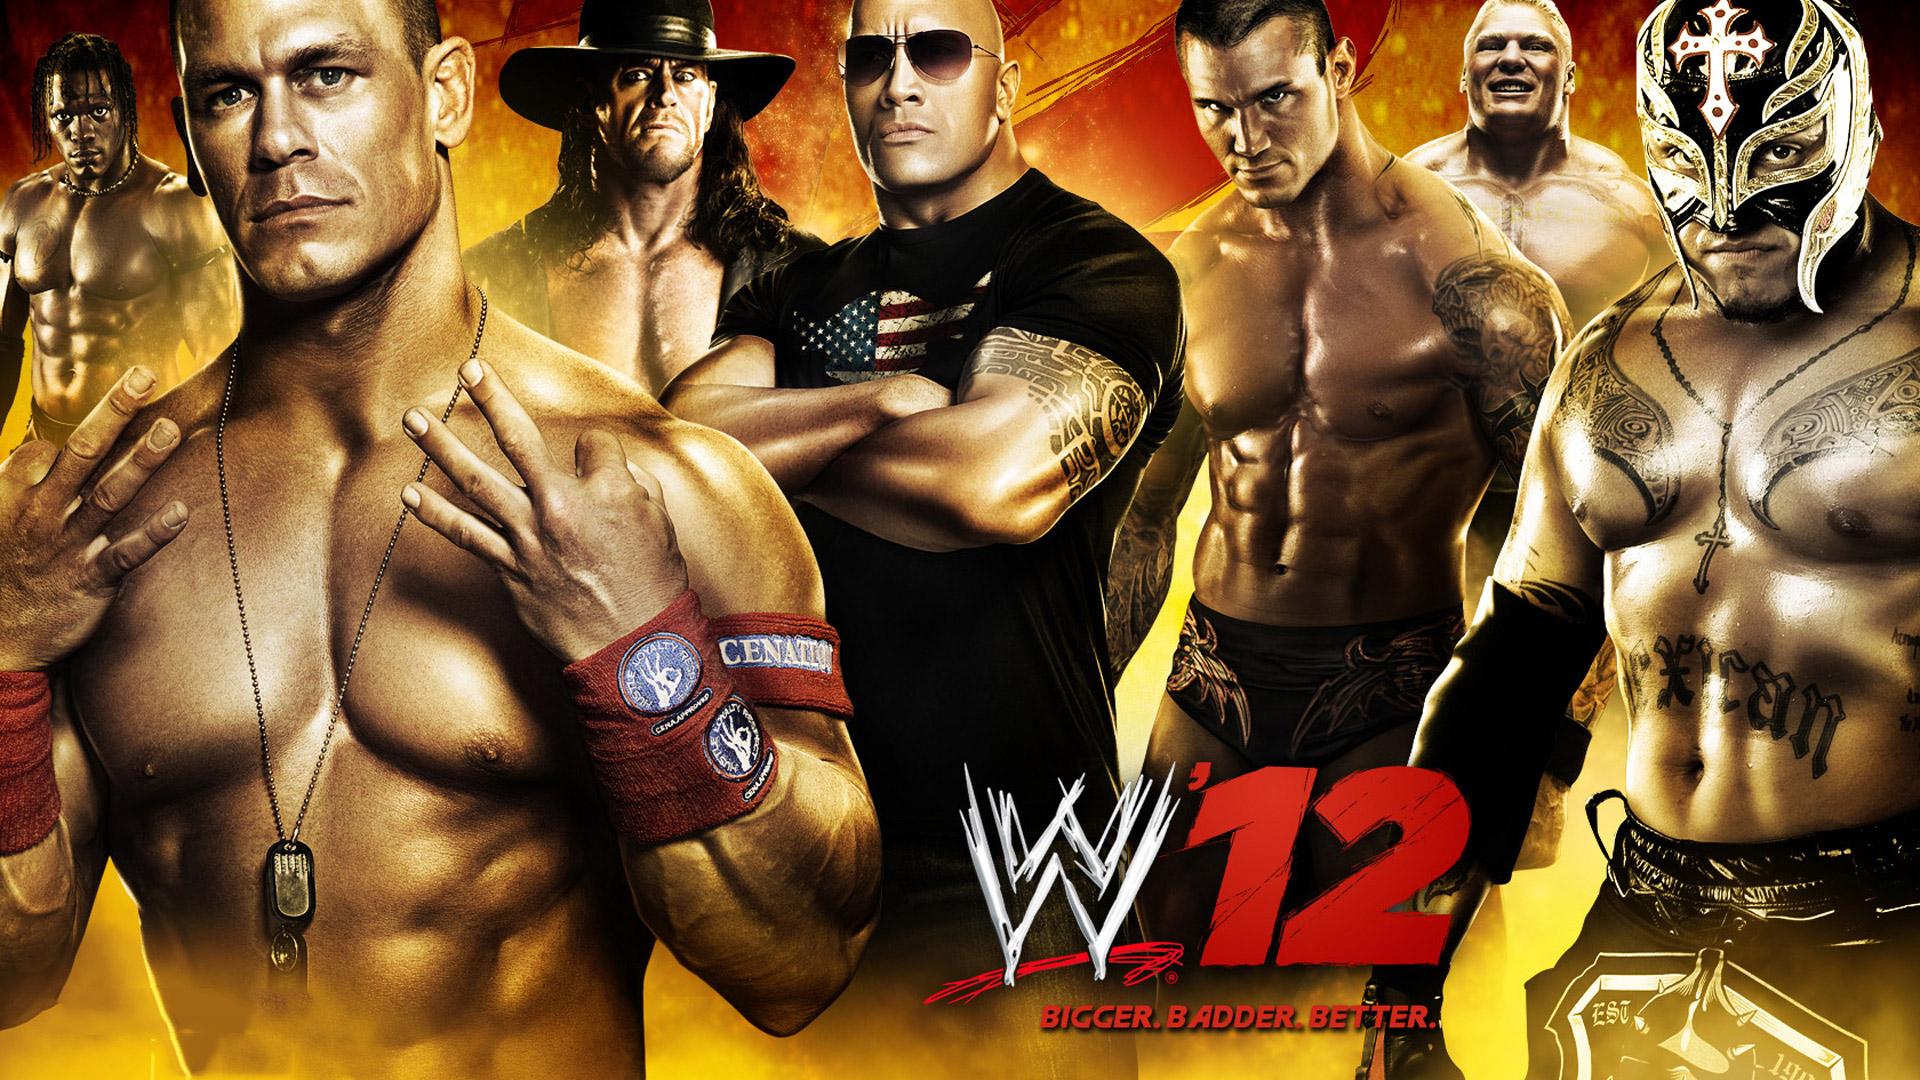 WWE '12 Wallpaper in 1920x1080